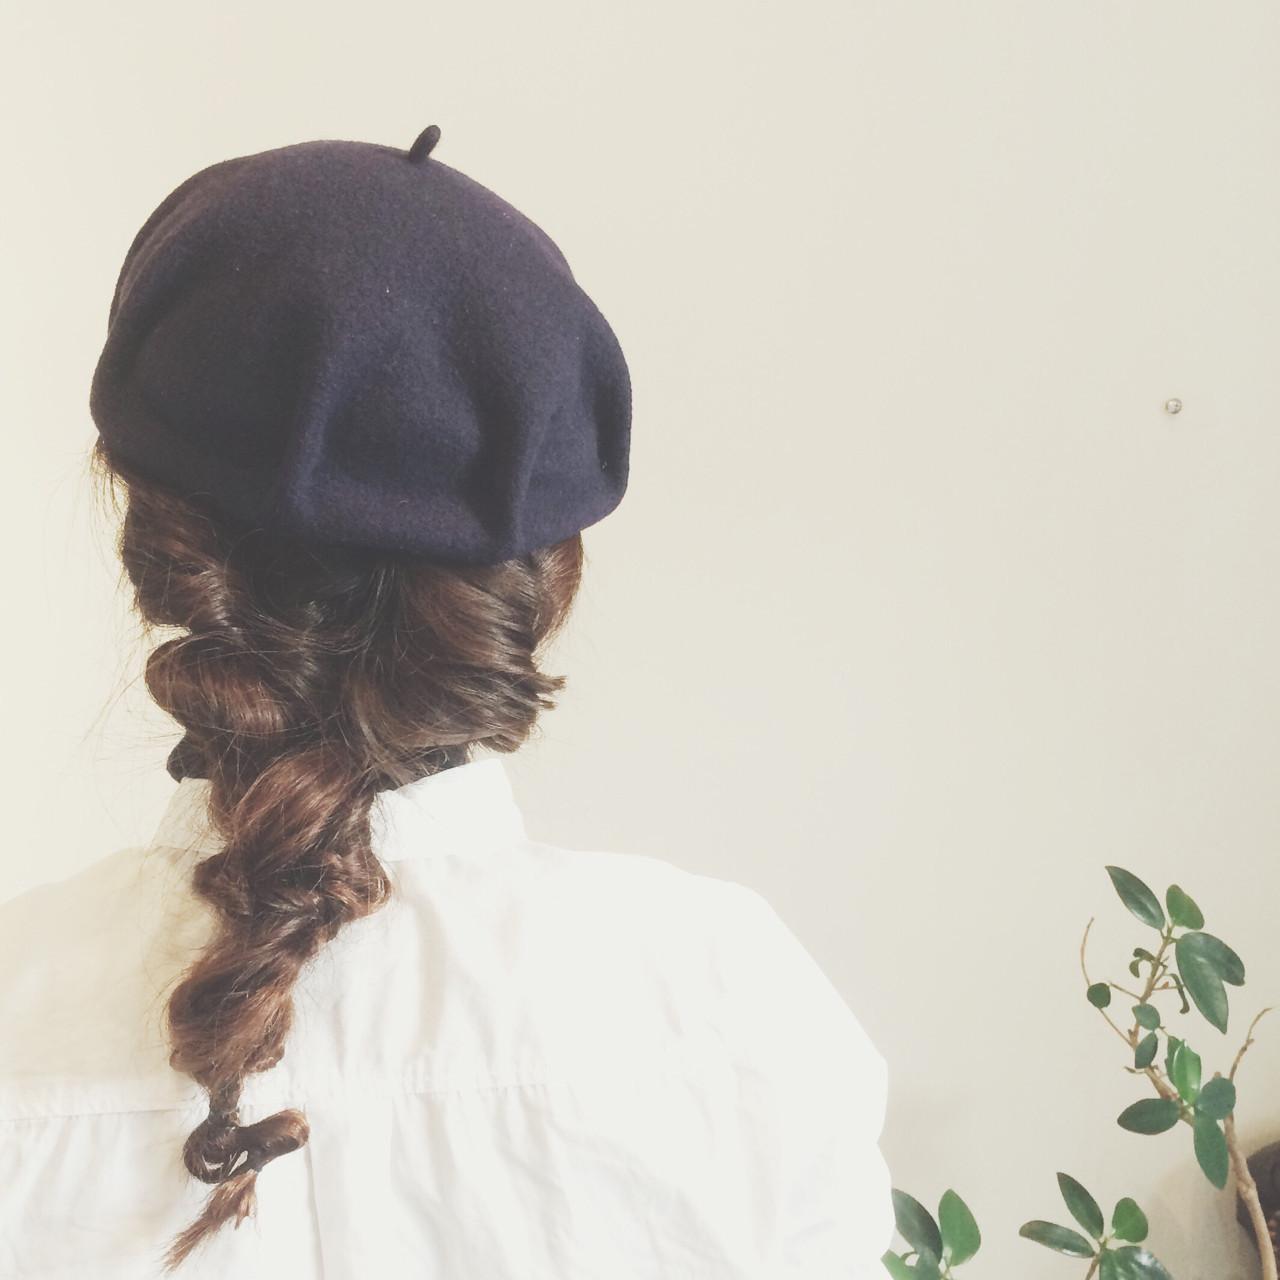 【2019年】レディース必須アイテム!ベレー帽の秋冬コーデ♡の16枚目の画像